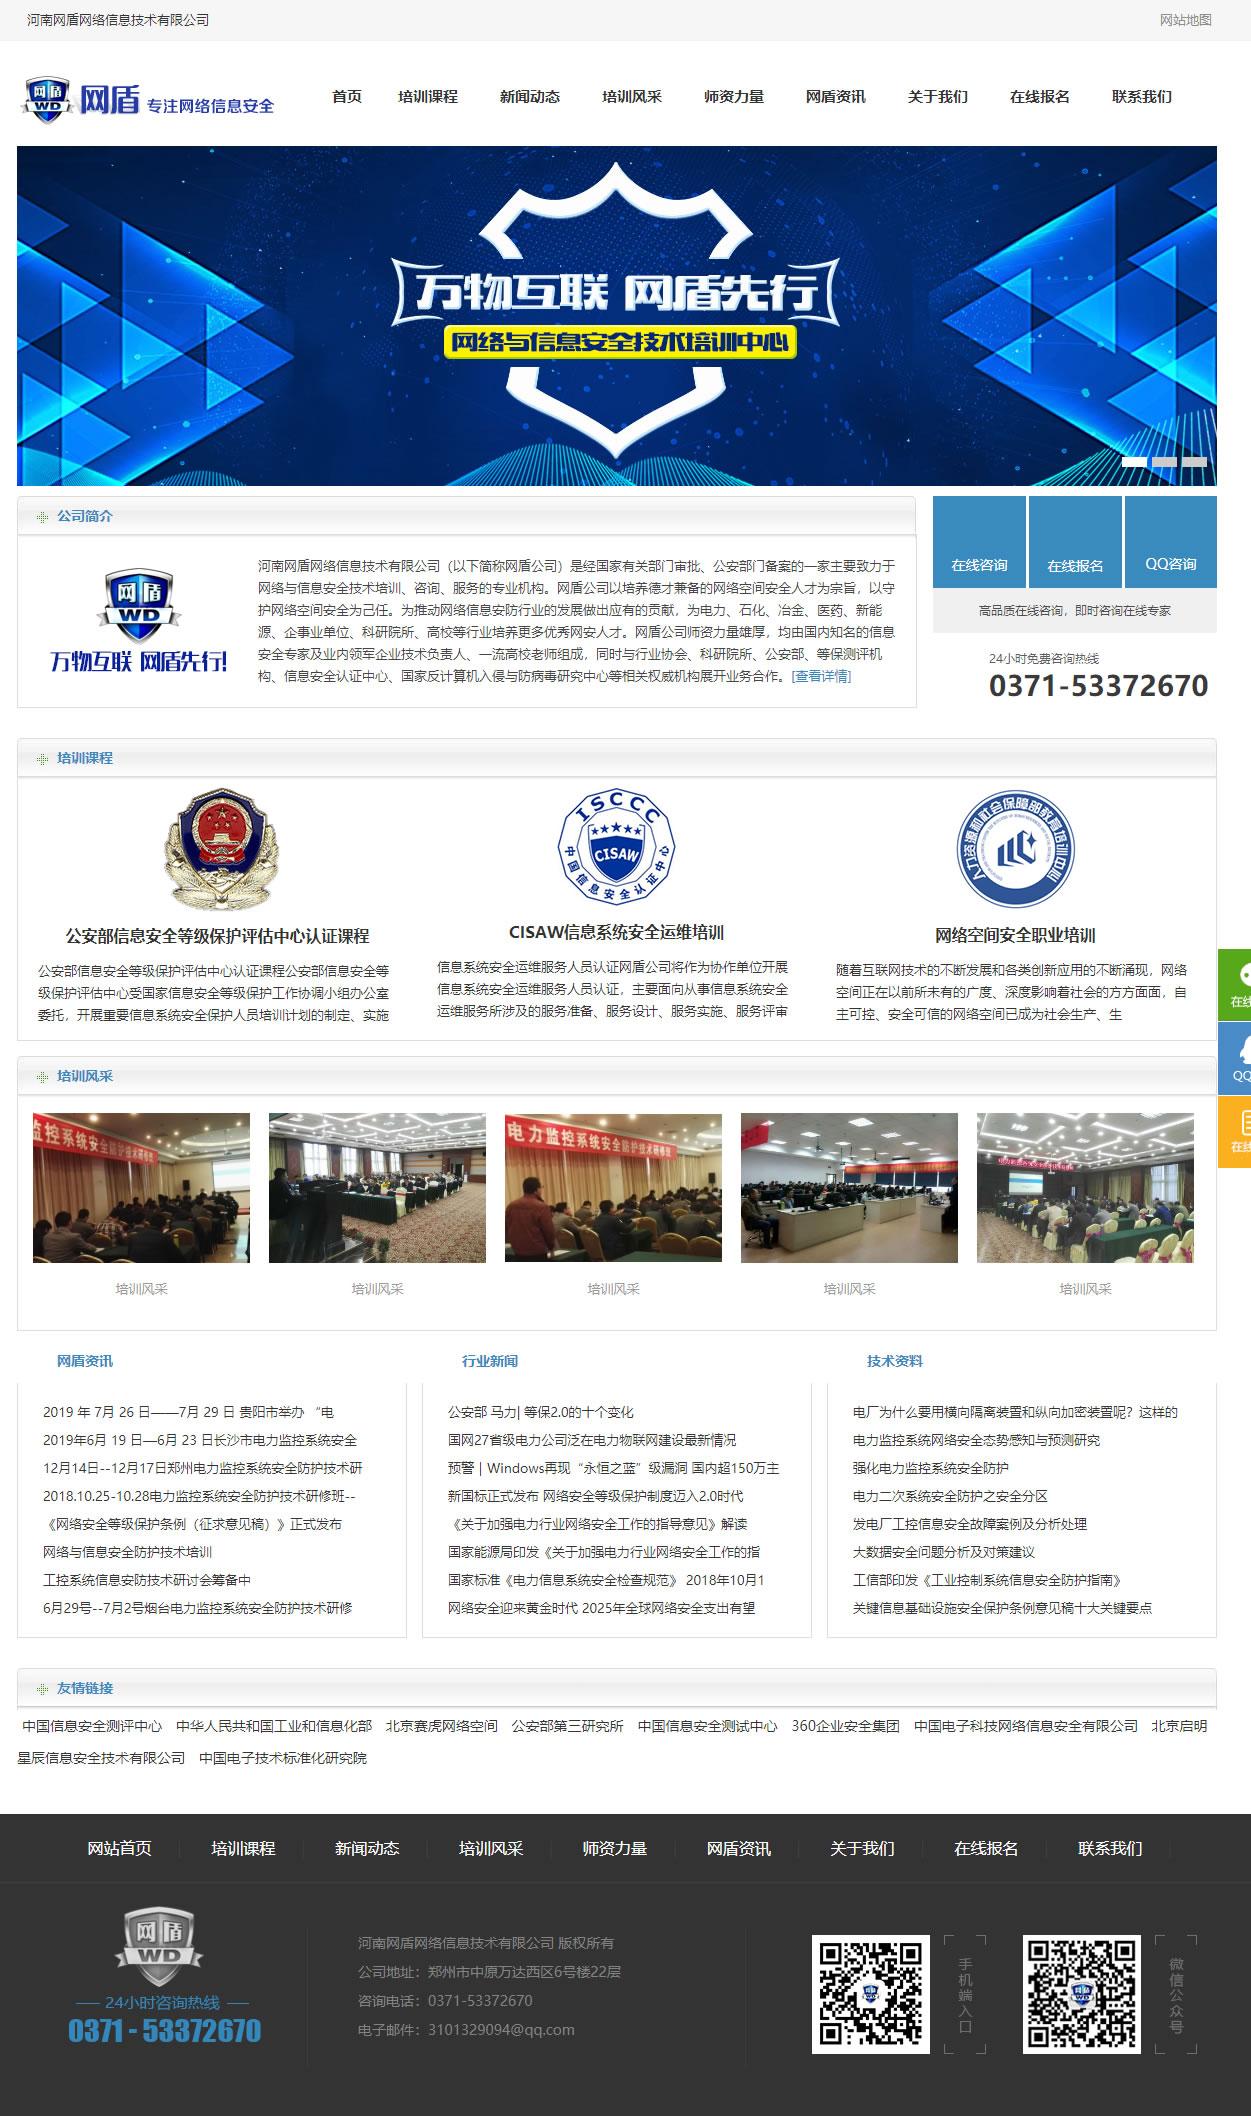 河南网盾网络信息技术有限公司首页截图